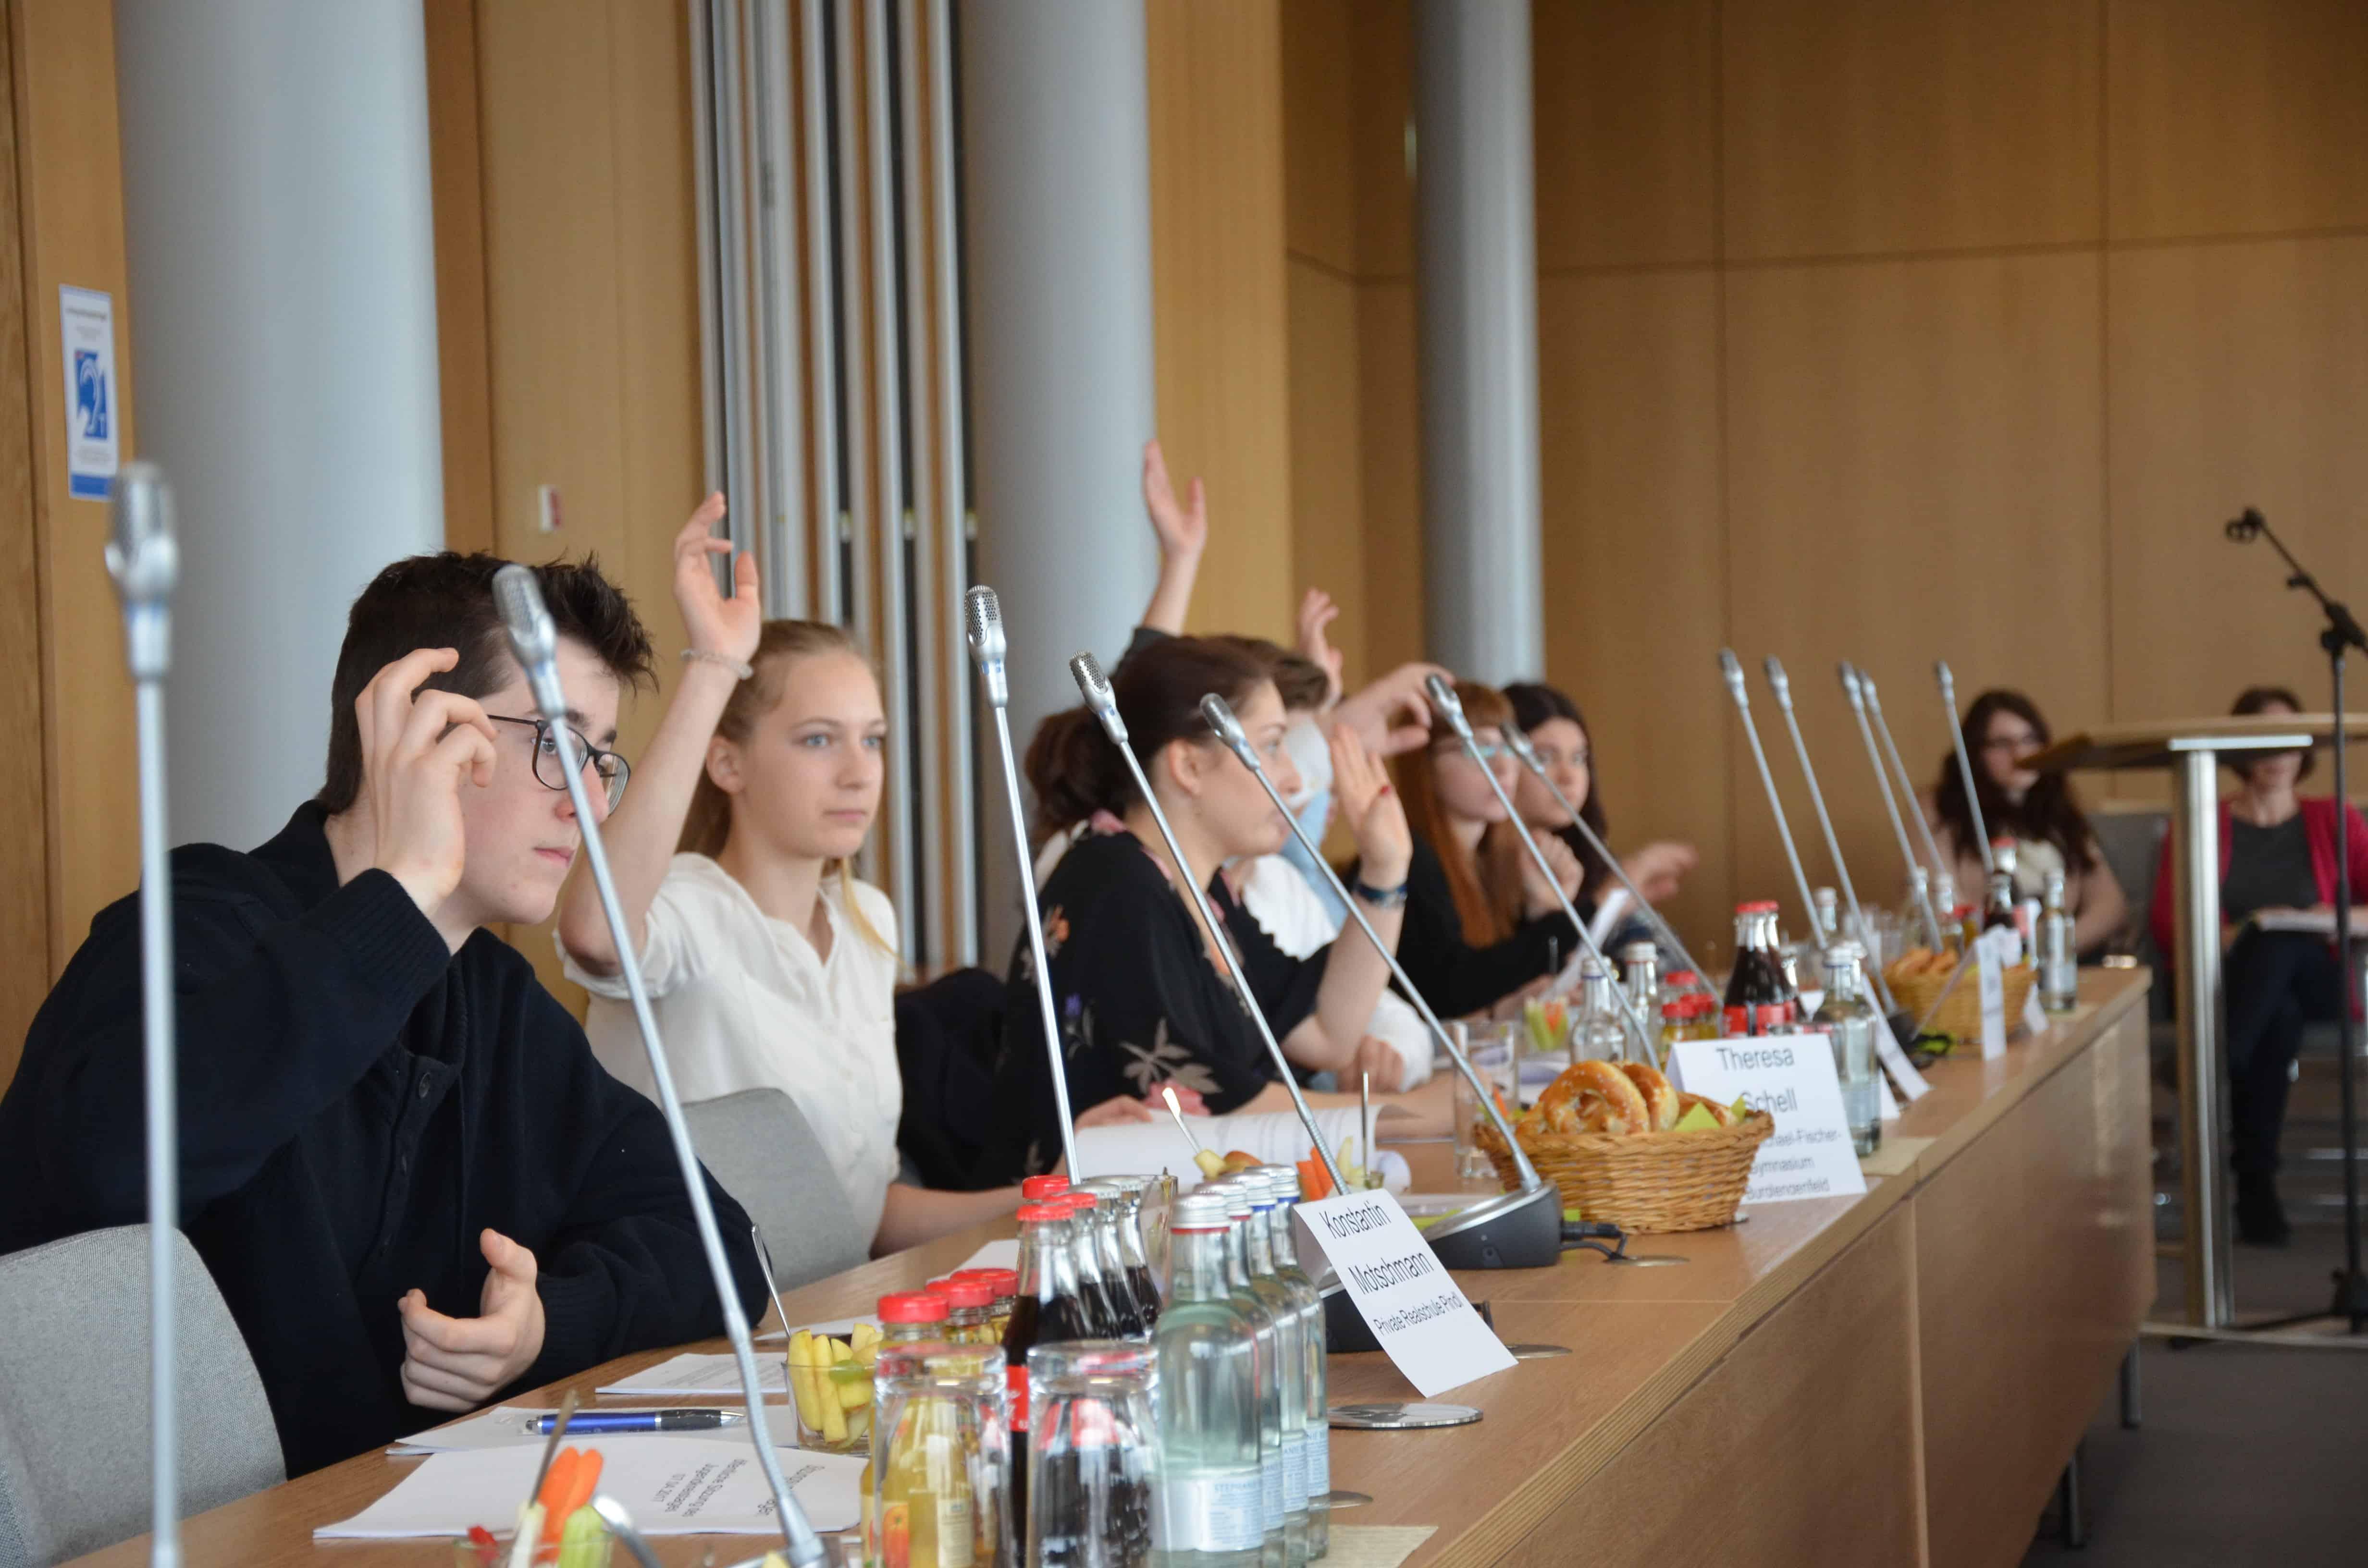 Zweite Sitzung des Jugendkreistages des Landkreises Regensburg